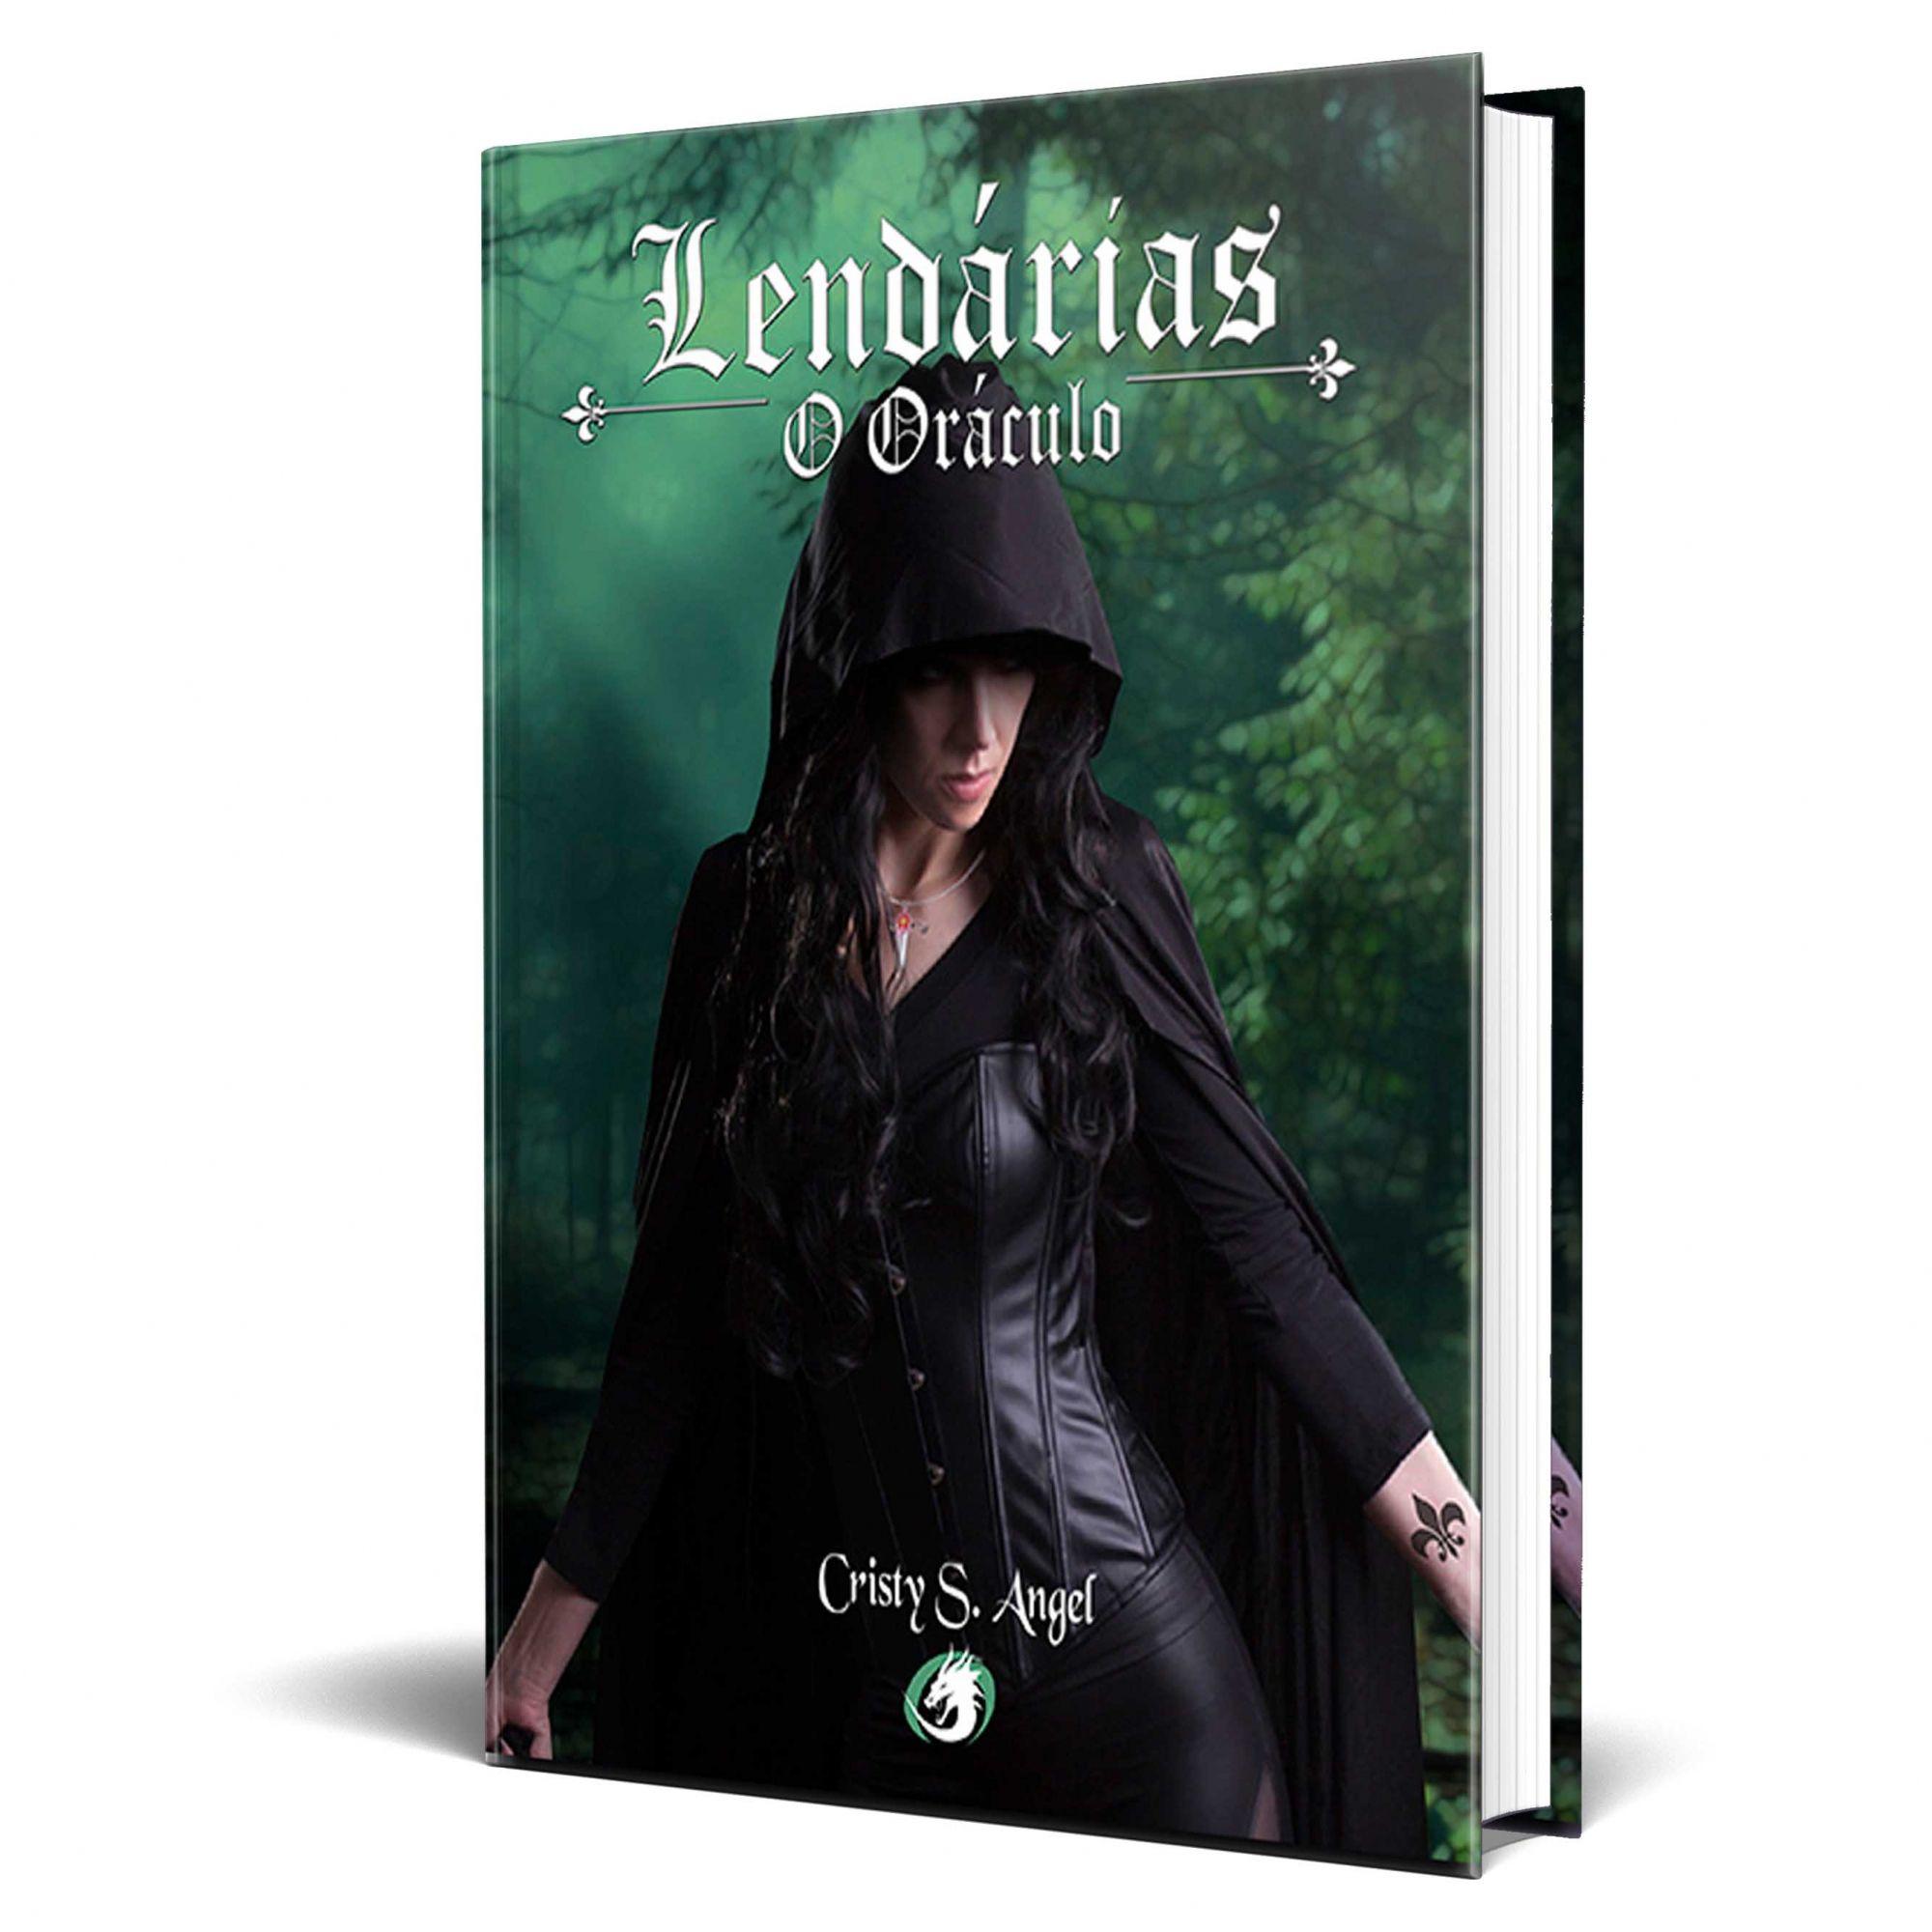 Livro Lendárias - O Oráculo